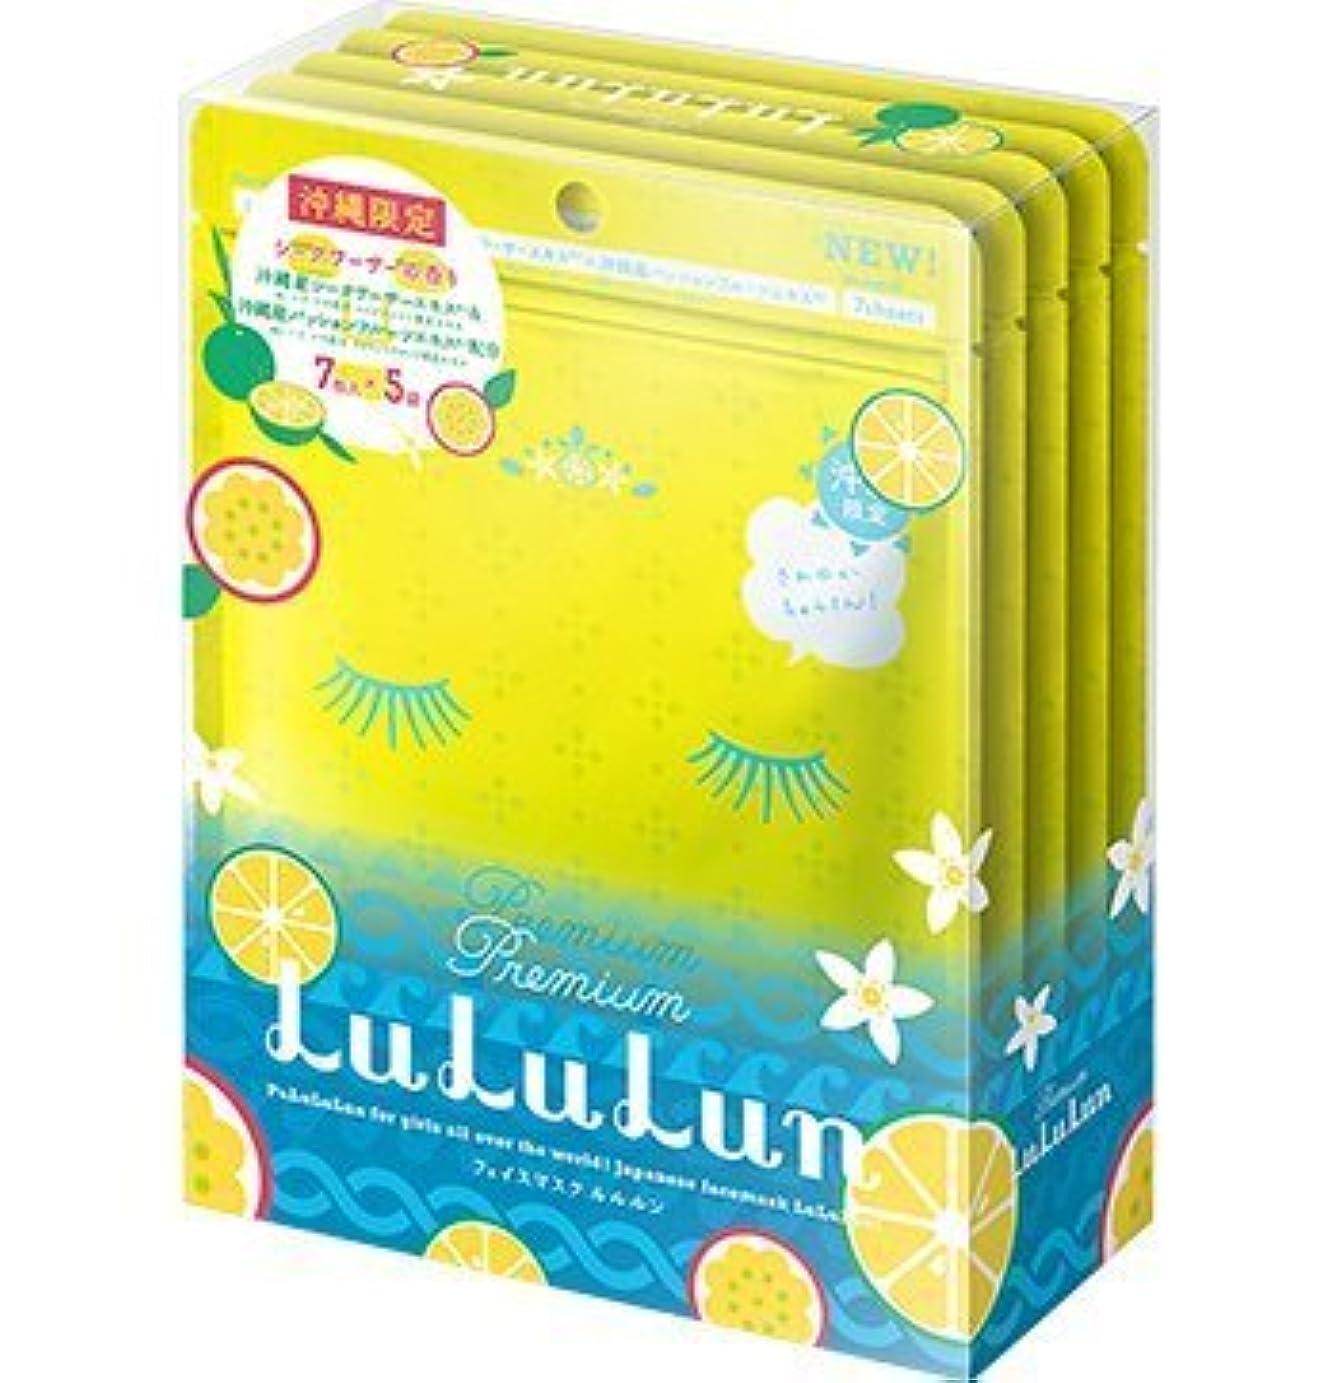 乙女ふつうあたたかい沖縄限定 沖縄プレミアム ルルルン LuLuLun フェイスマスク シークワーサーの香り 7枚入り×5袋